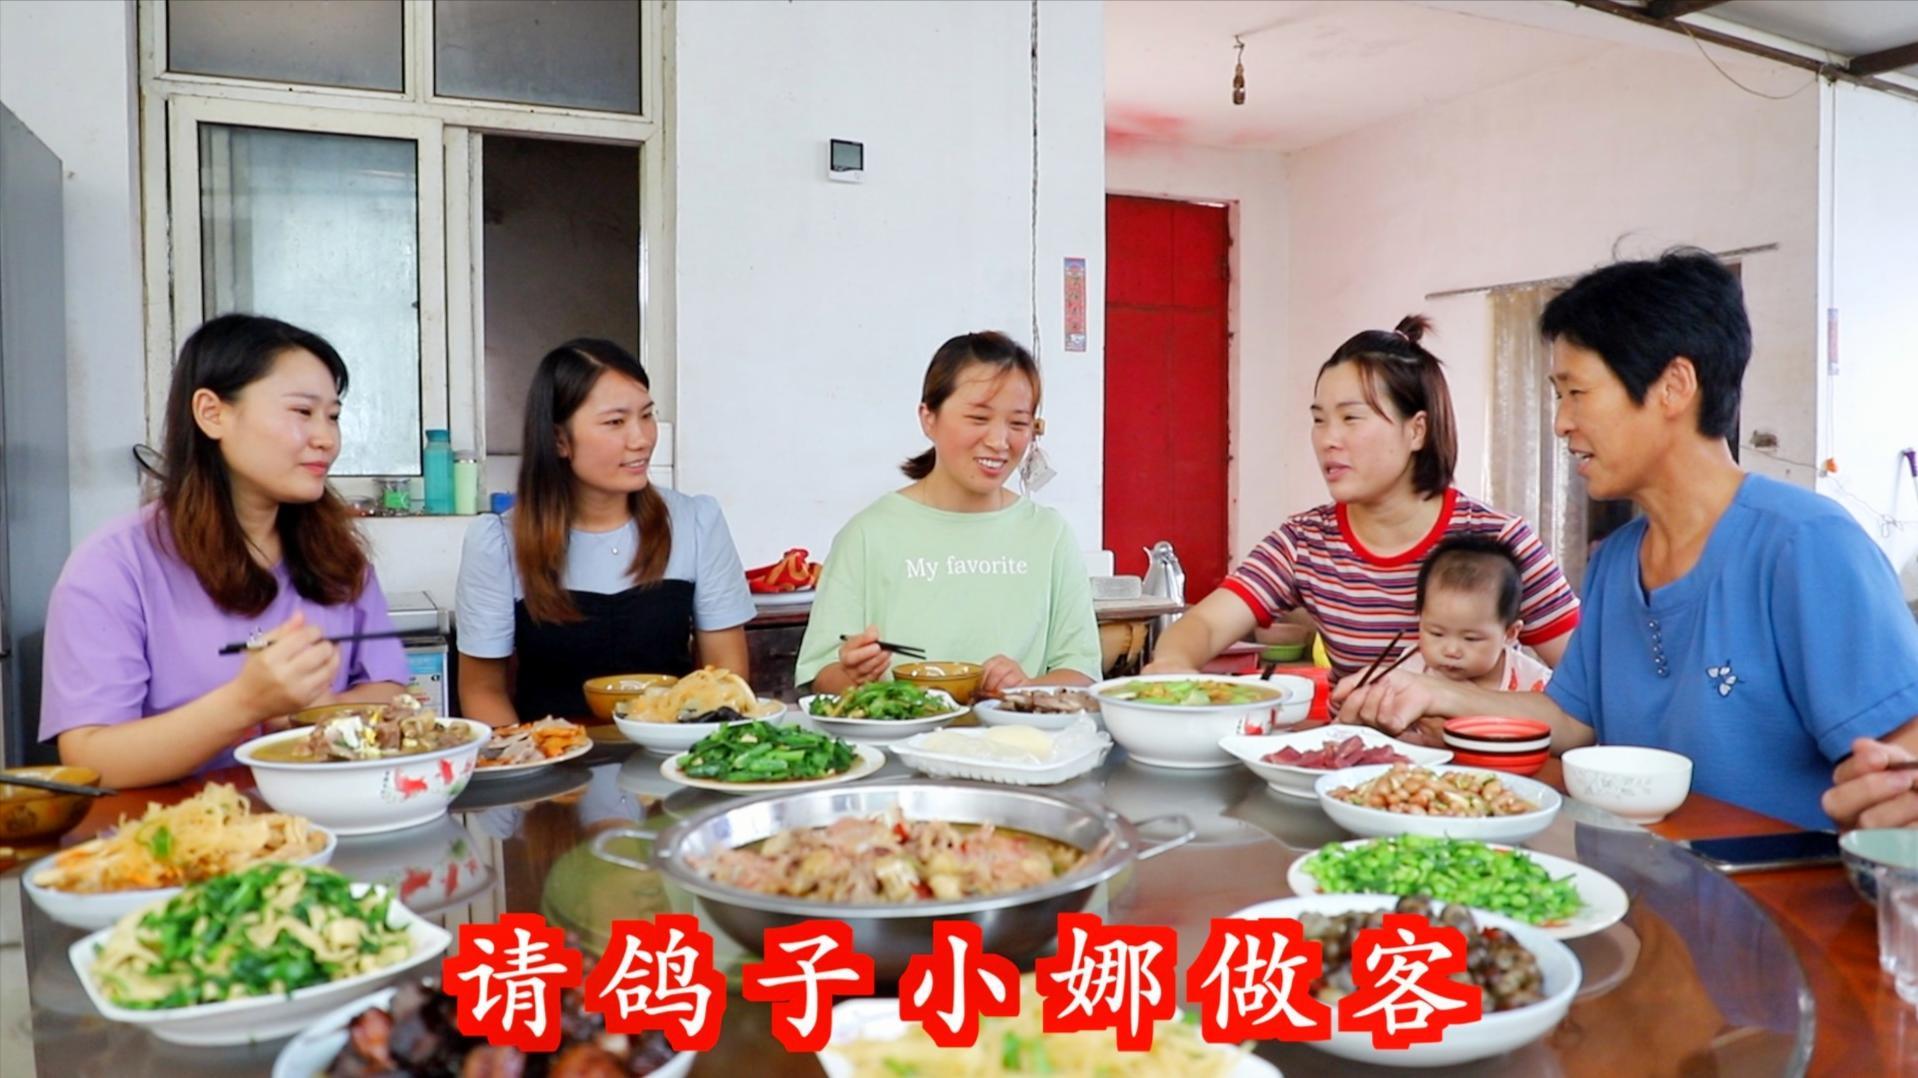 牛不啦妯娌来家做客,梅子全家热情招待,满满一桌希望俩人吃好